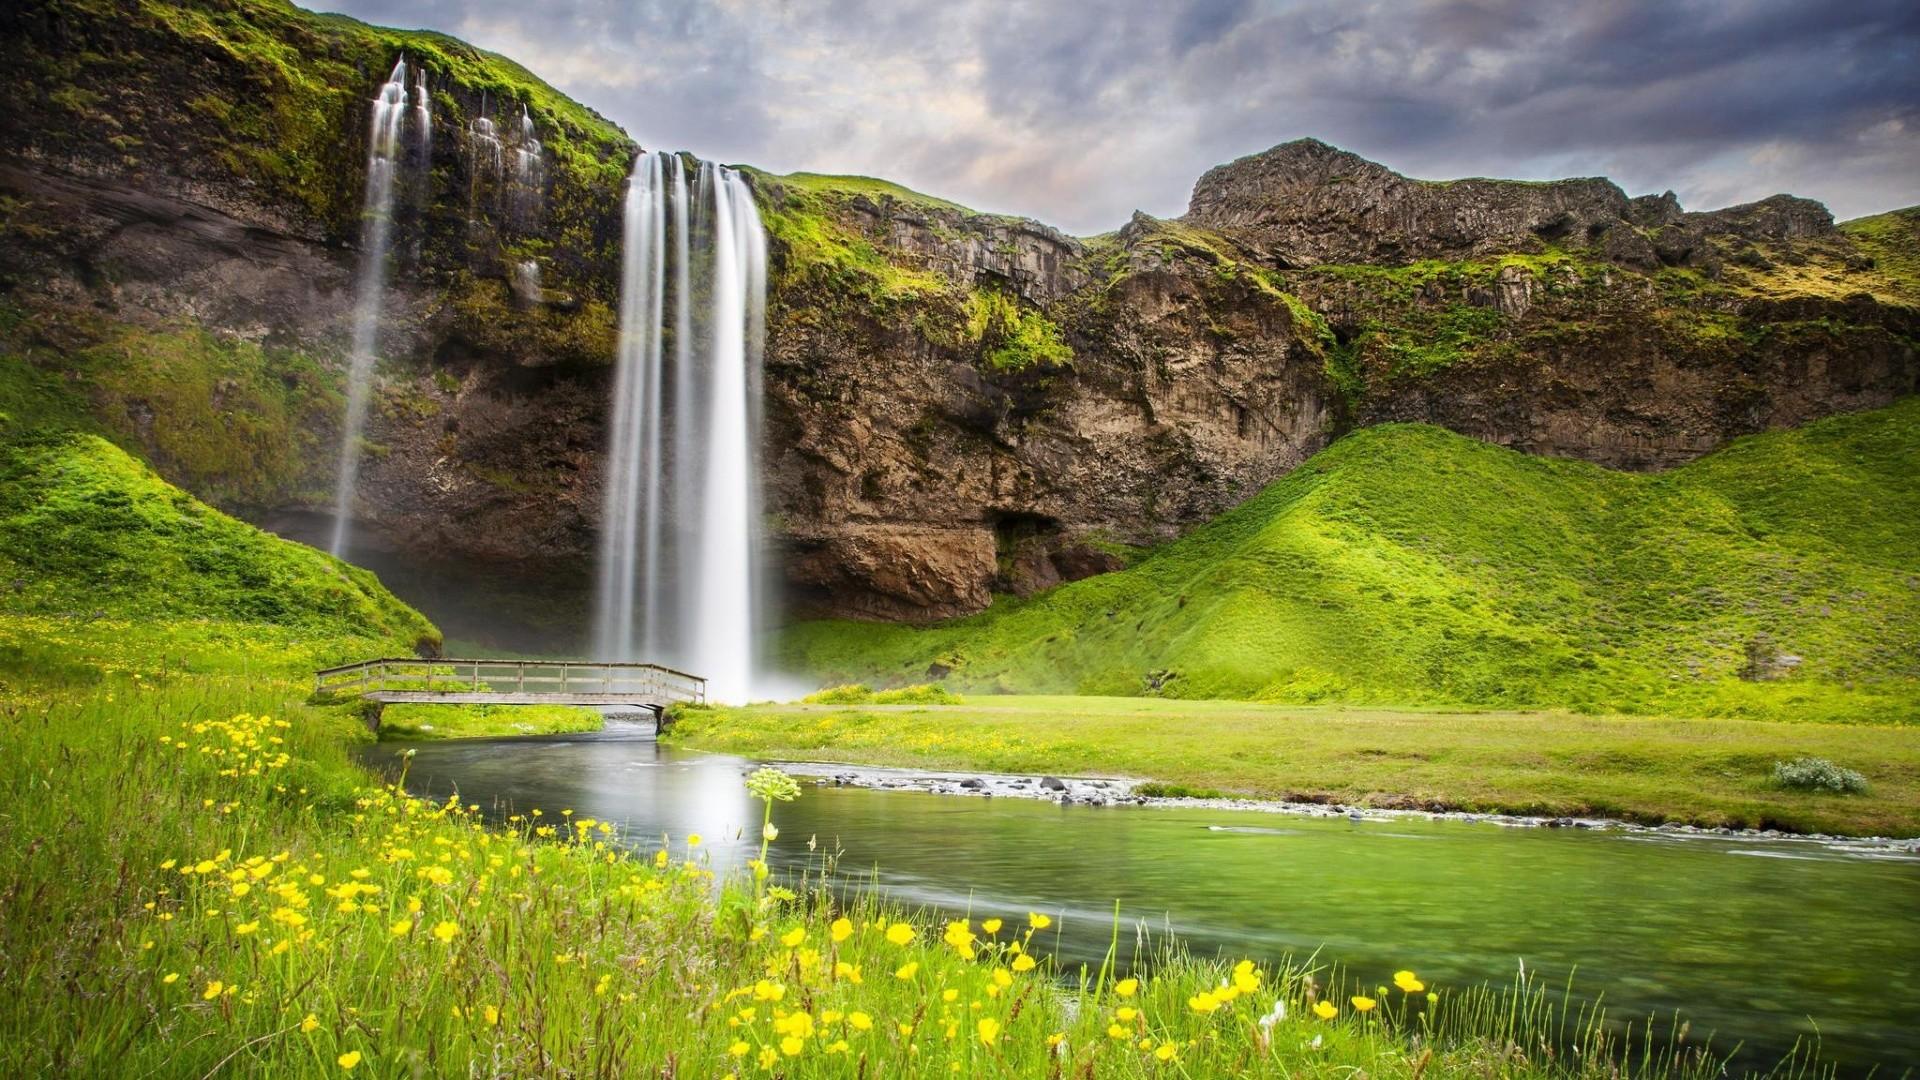 خلفيات طبيعية متنوعه صور من الطبيعة تفتح النفس موقع العنان